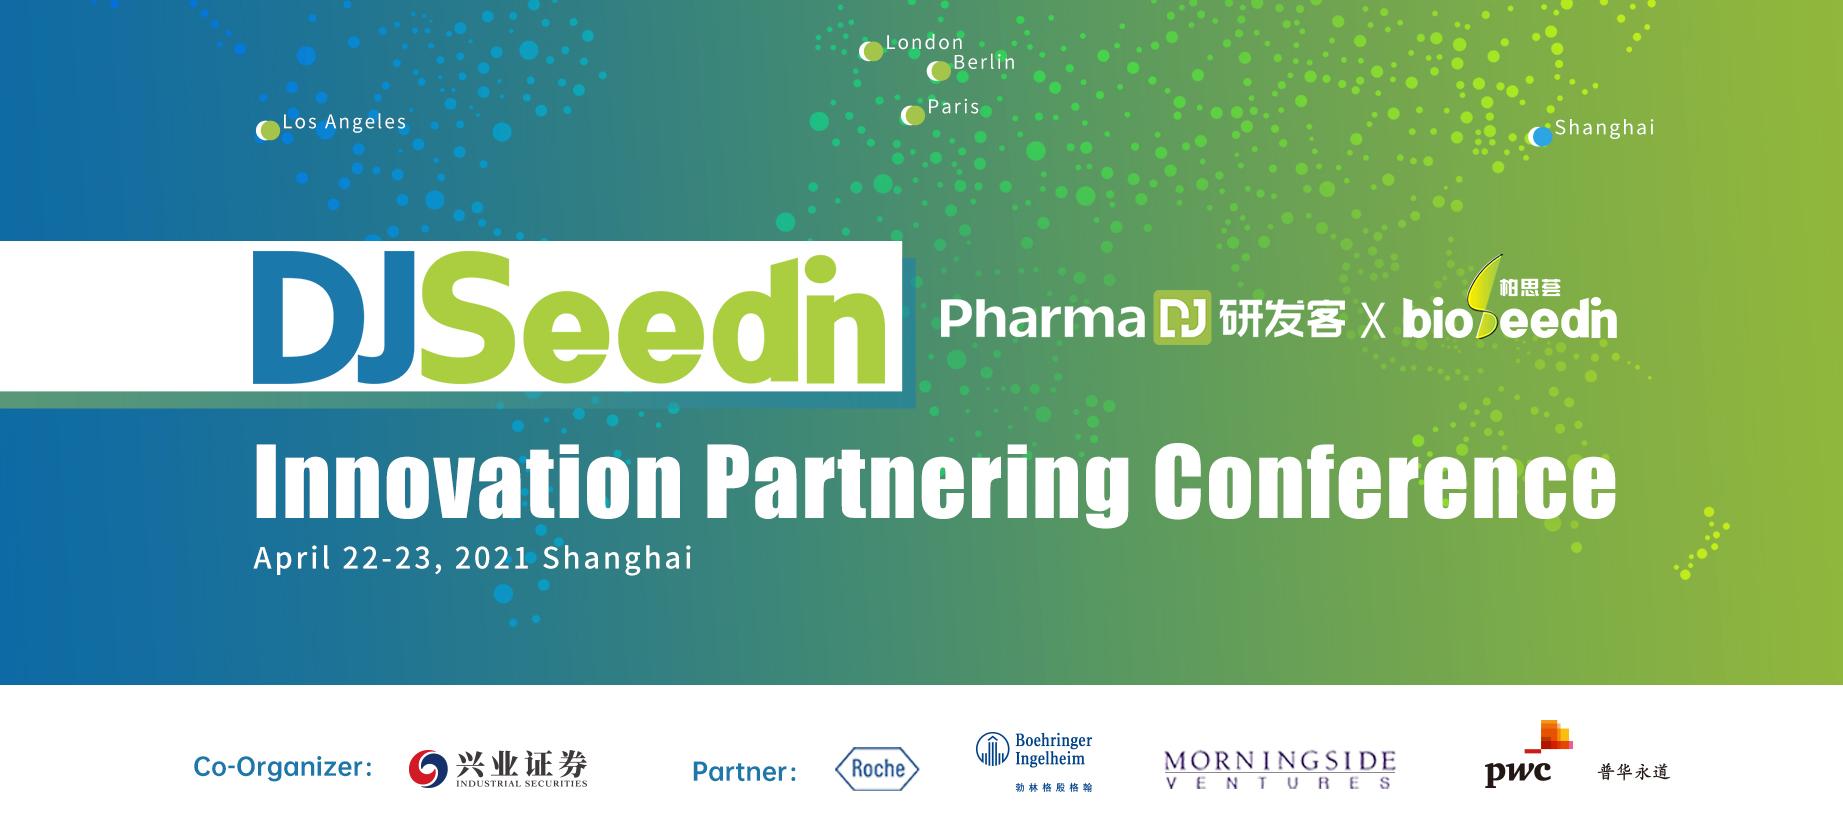 DJSeedin创新合作峰会